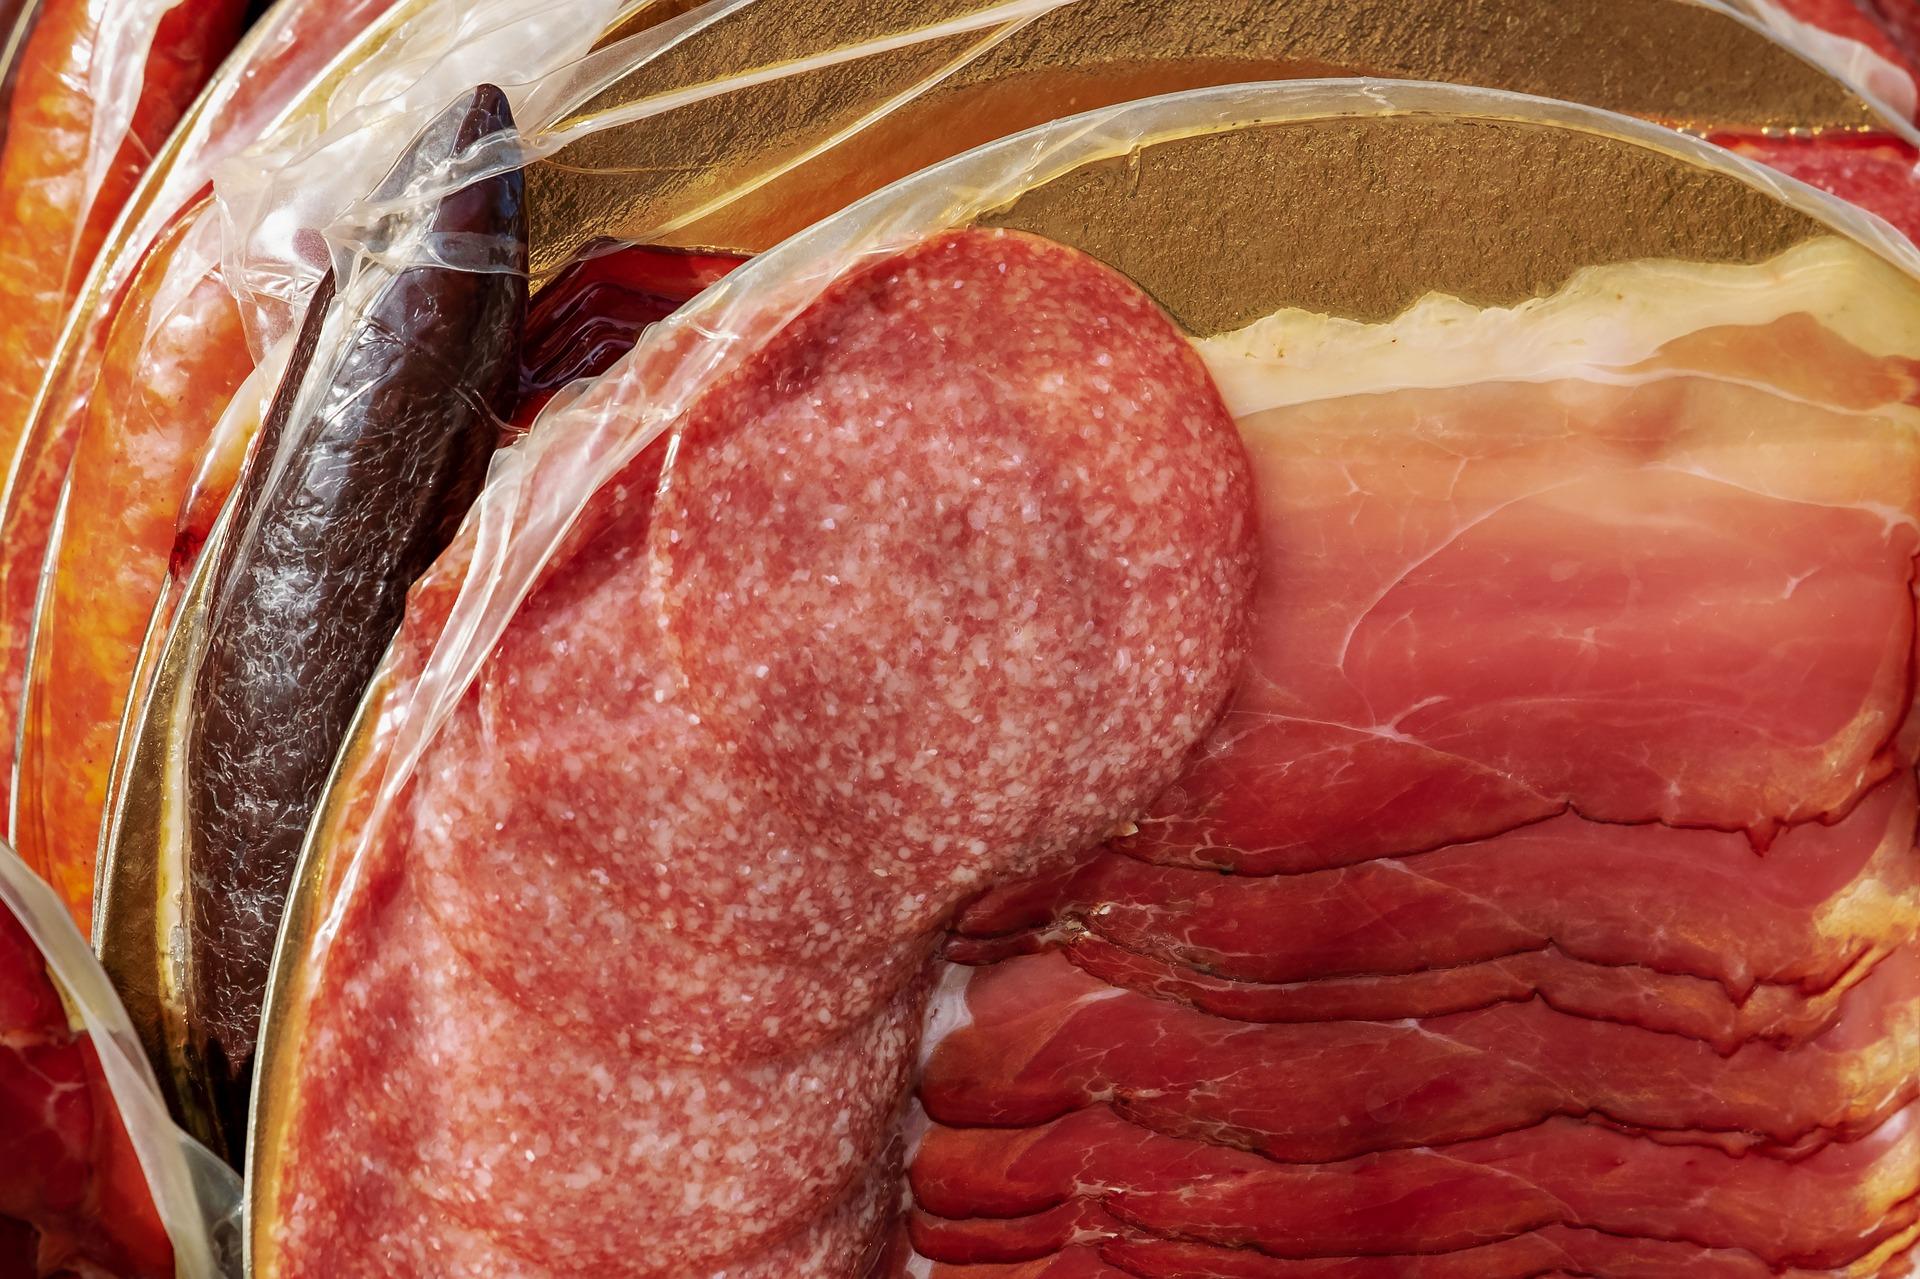 qué alimentos comer y no comer en la dieta cetosis